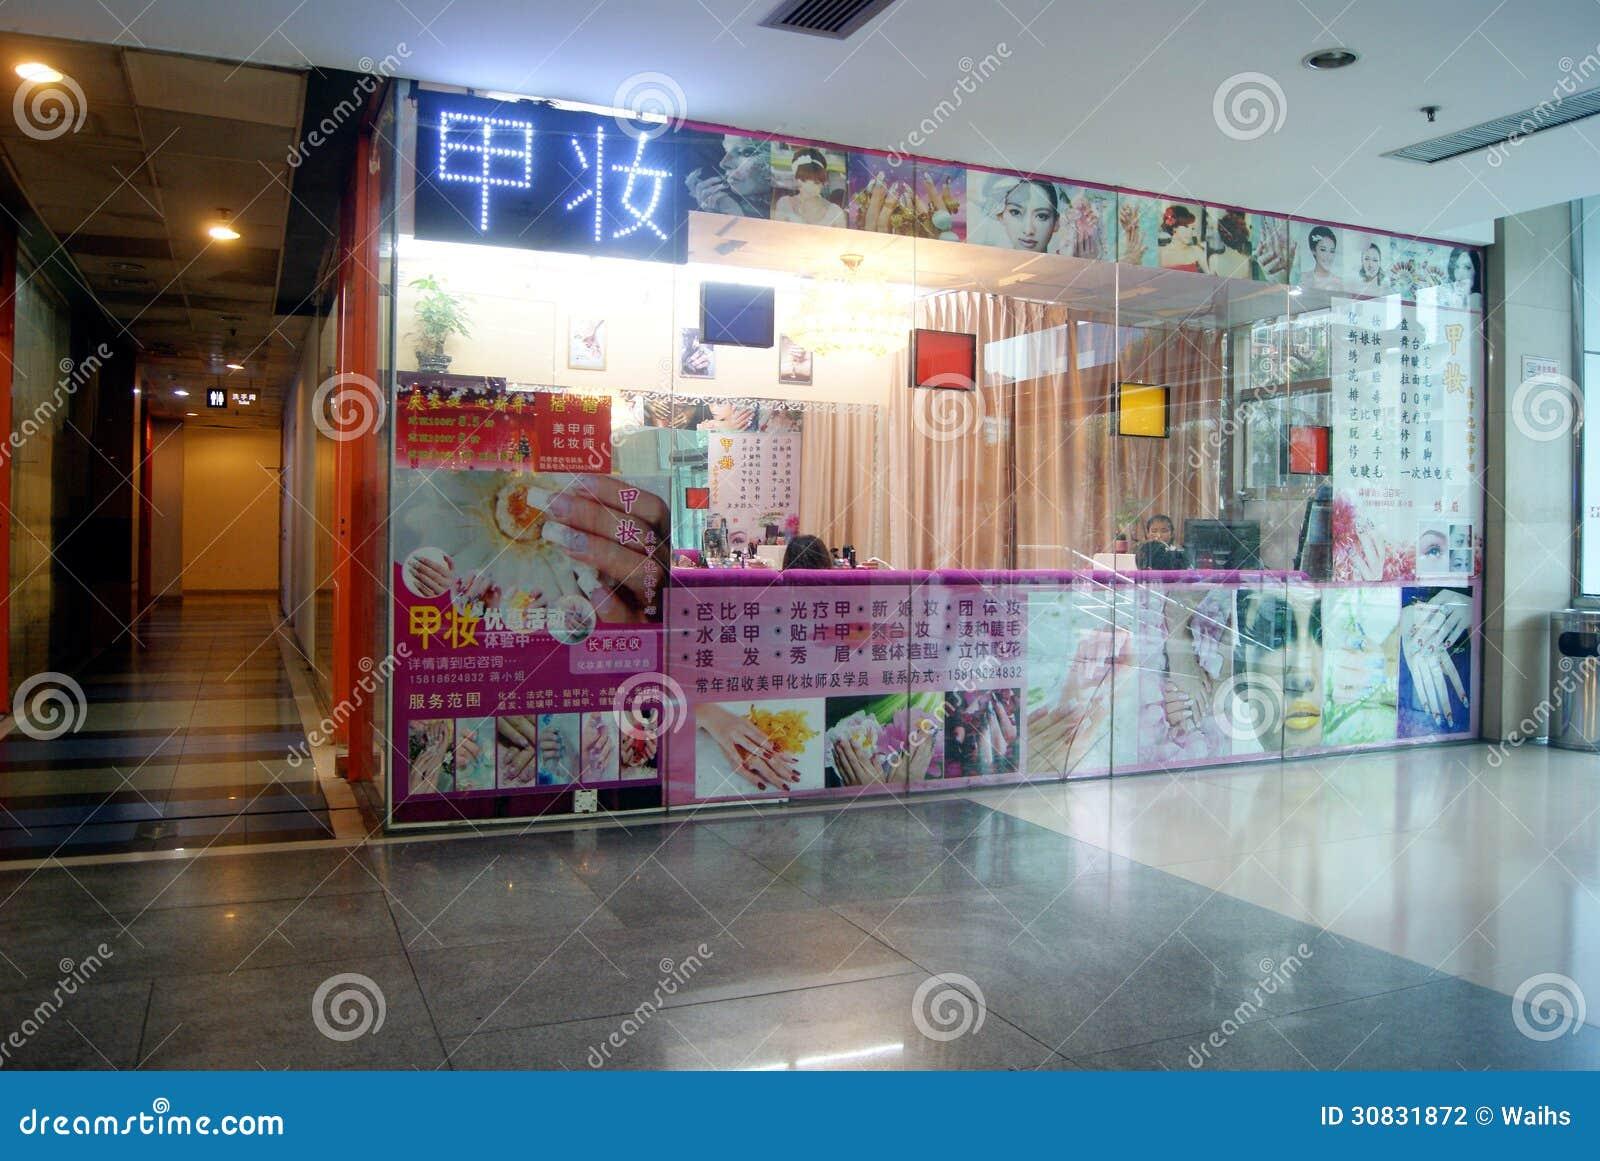 Porcellana di Shenzhen: hotel dentro il centro commerciale